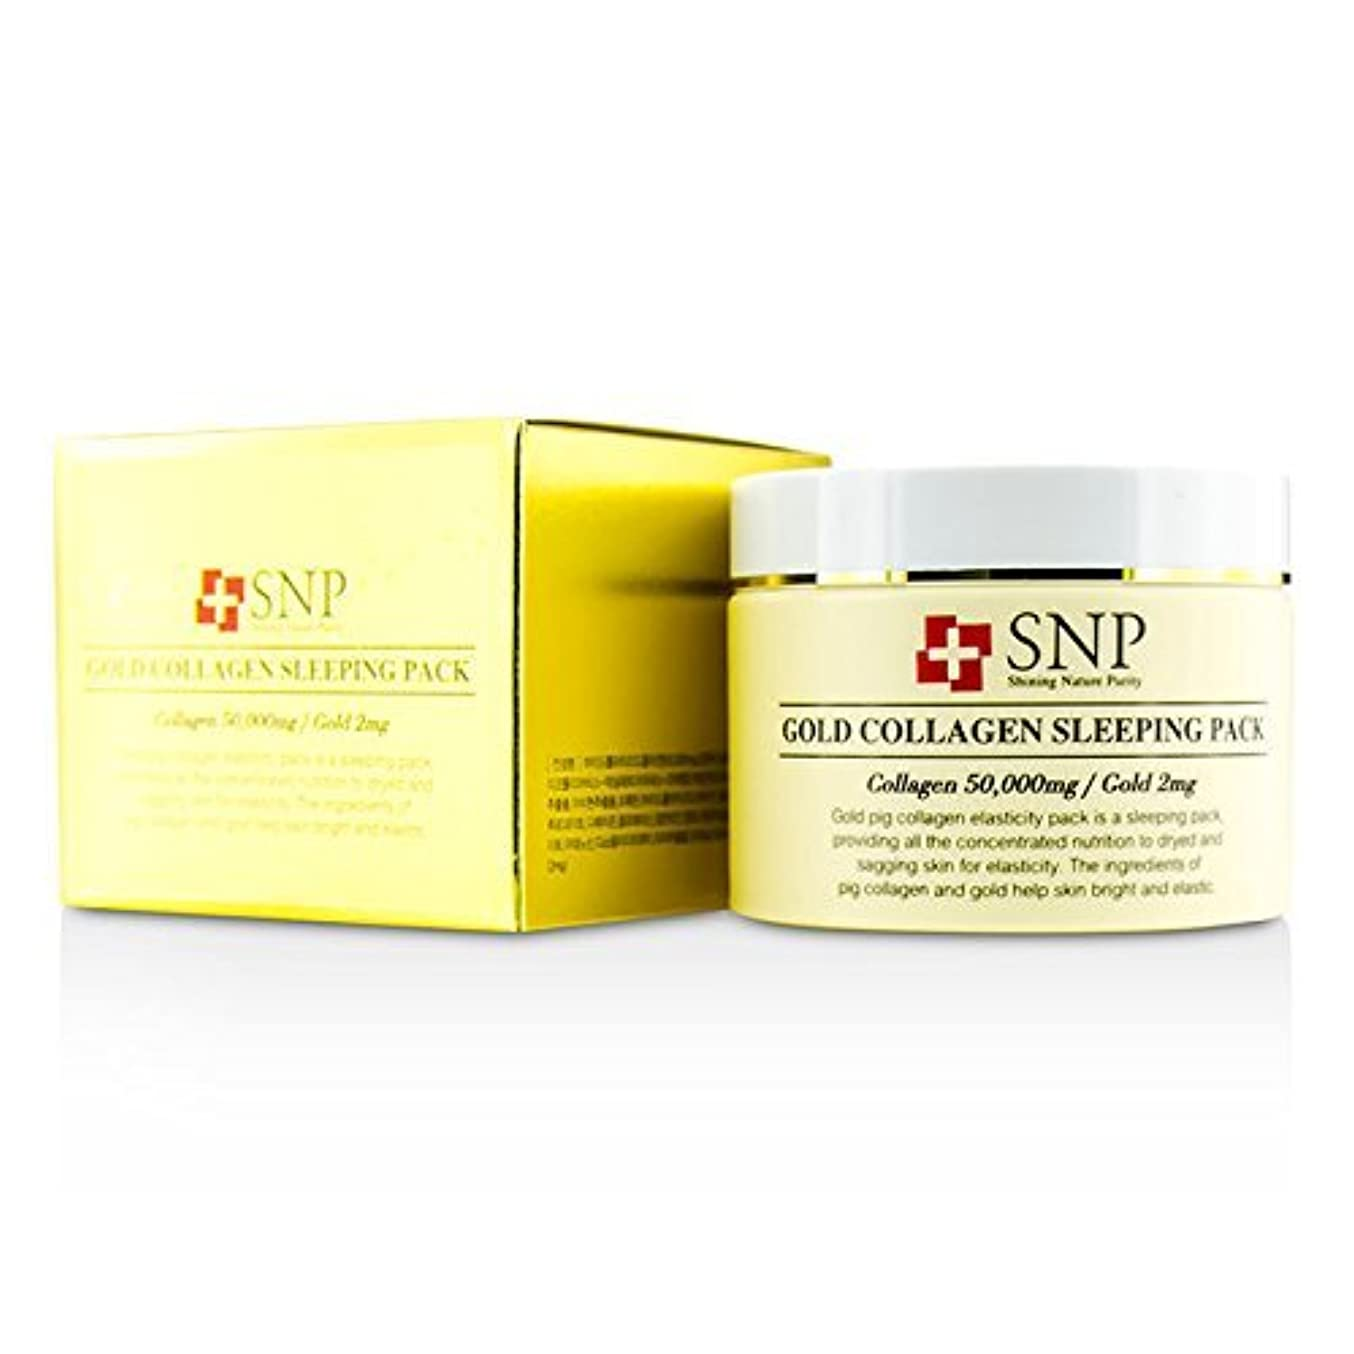 騒ぎ英語の授業がありますクランシーSNP ゴールドコラーゲン スリーピングパック Gold Collagen Sleeping Pack - Elasticity 100g/3.5oz [並行輸入品] 睡眠パック